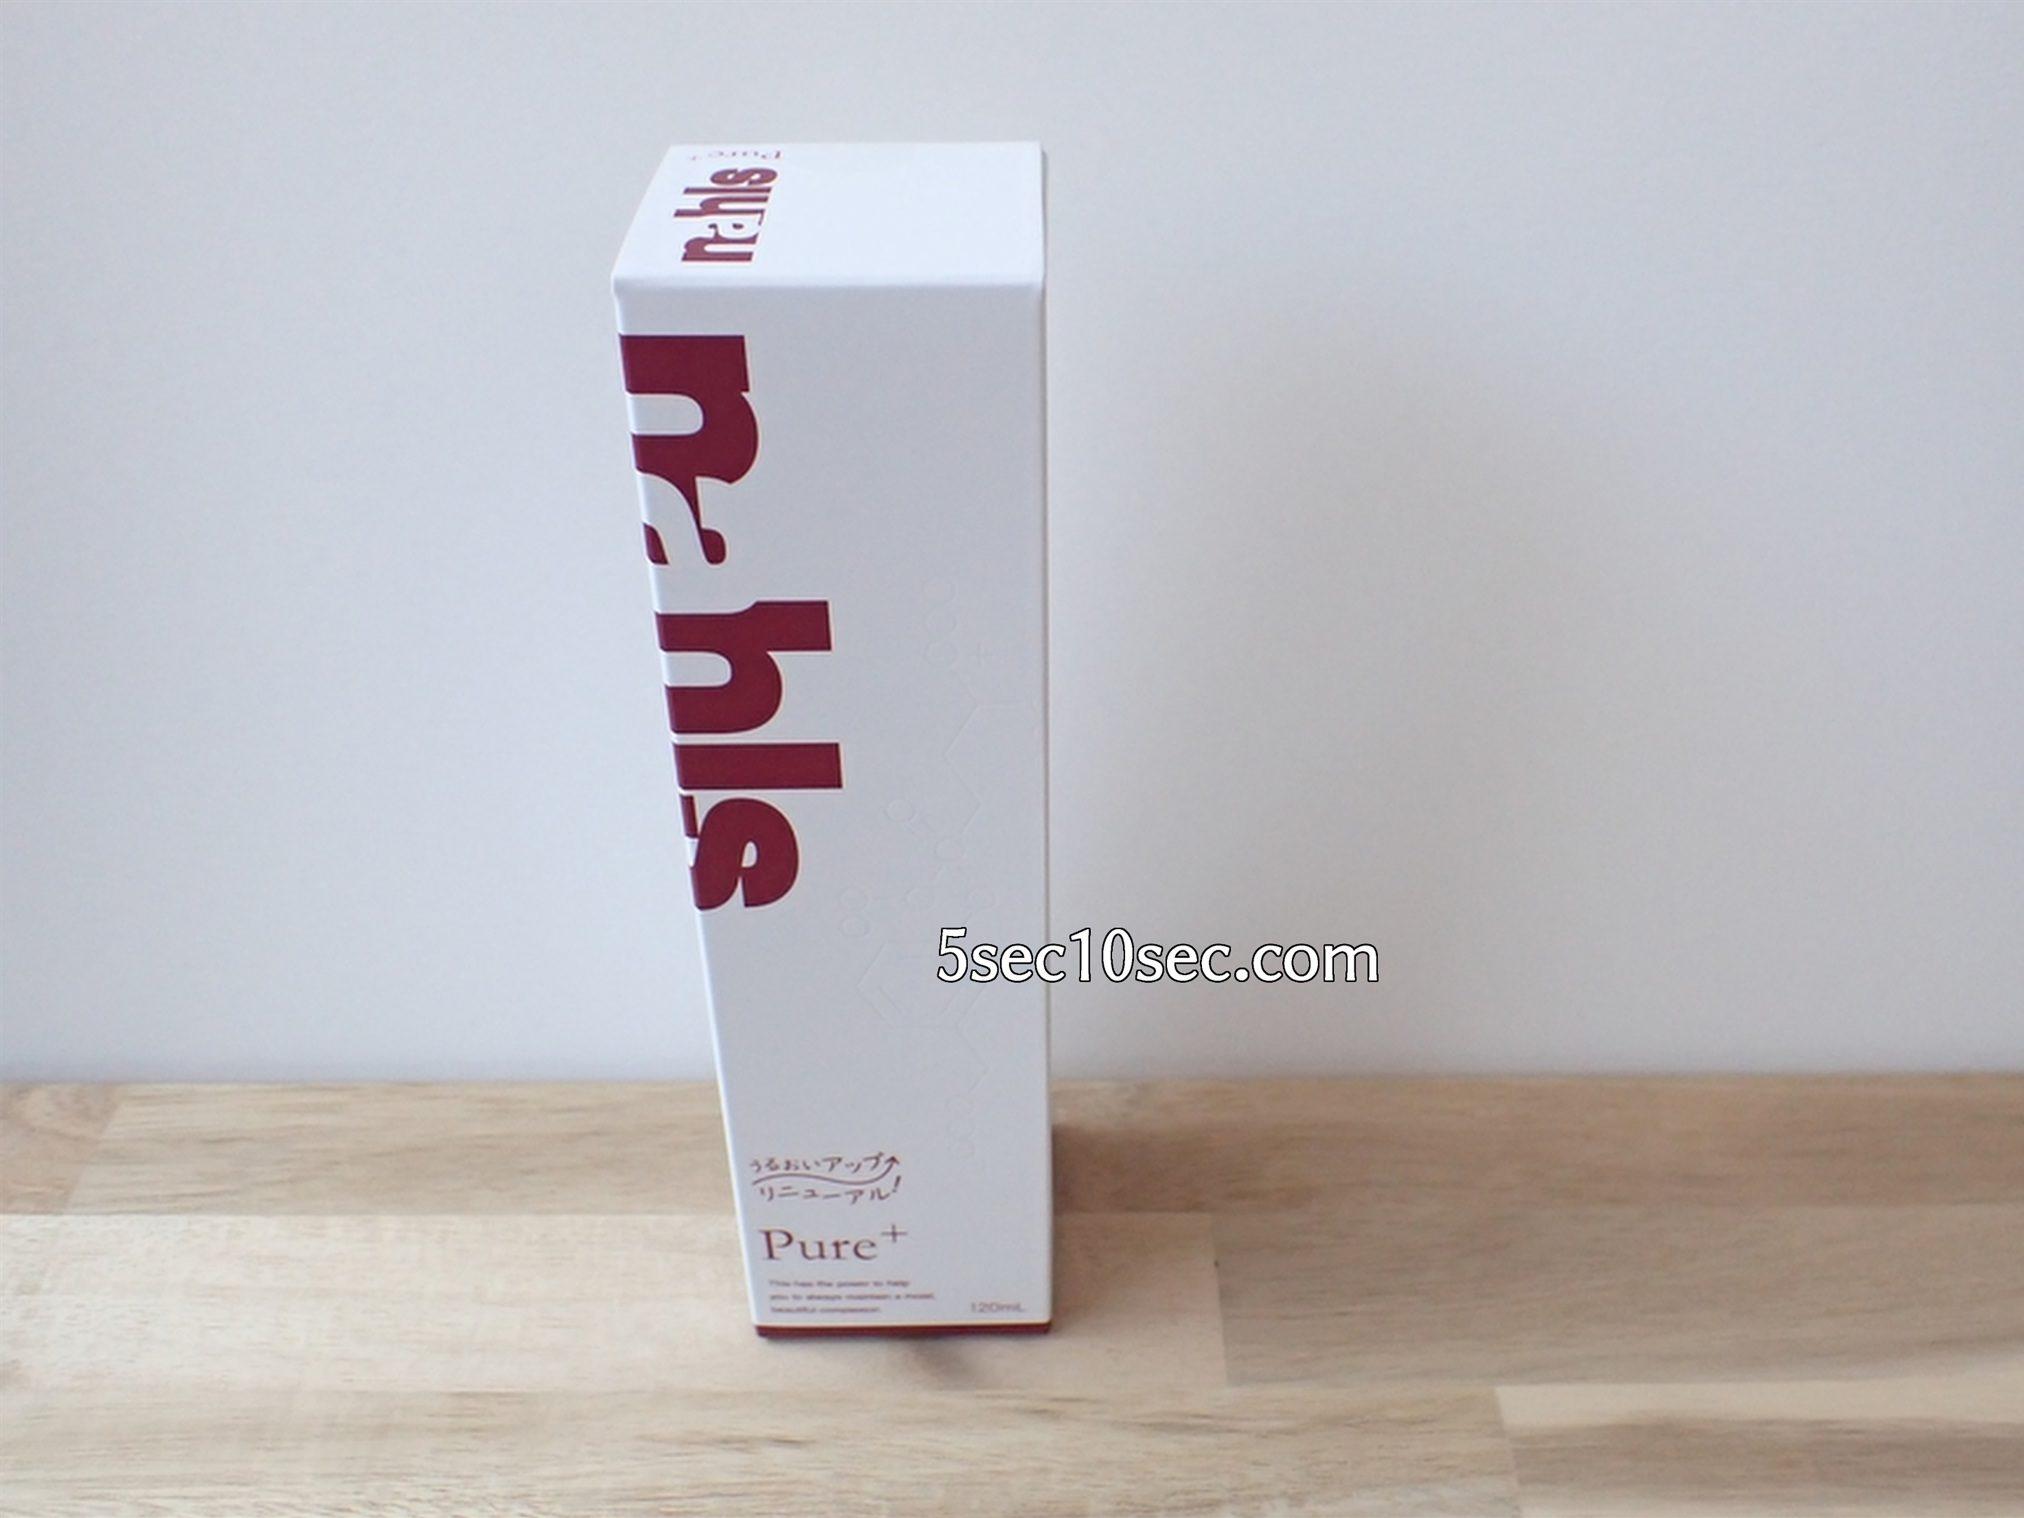 株式会社ディープインパクト ナールスピュア ナールスゲン配合化粧水 パッケージ写真 2020年11月6日にリニューアル後のnahls pure + 120ml